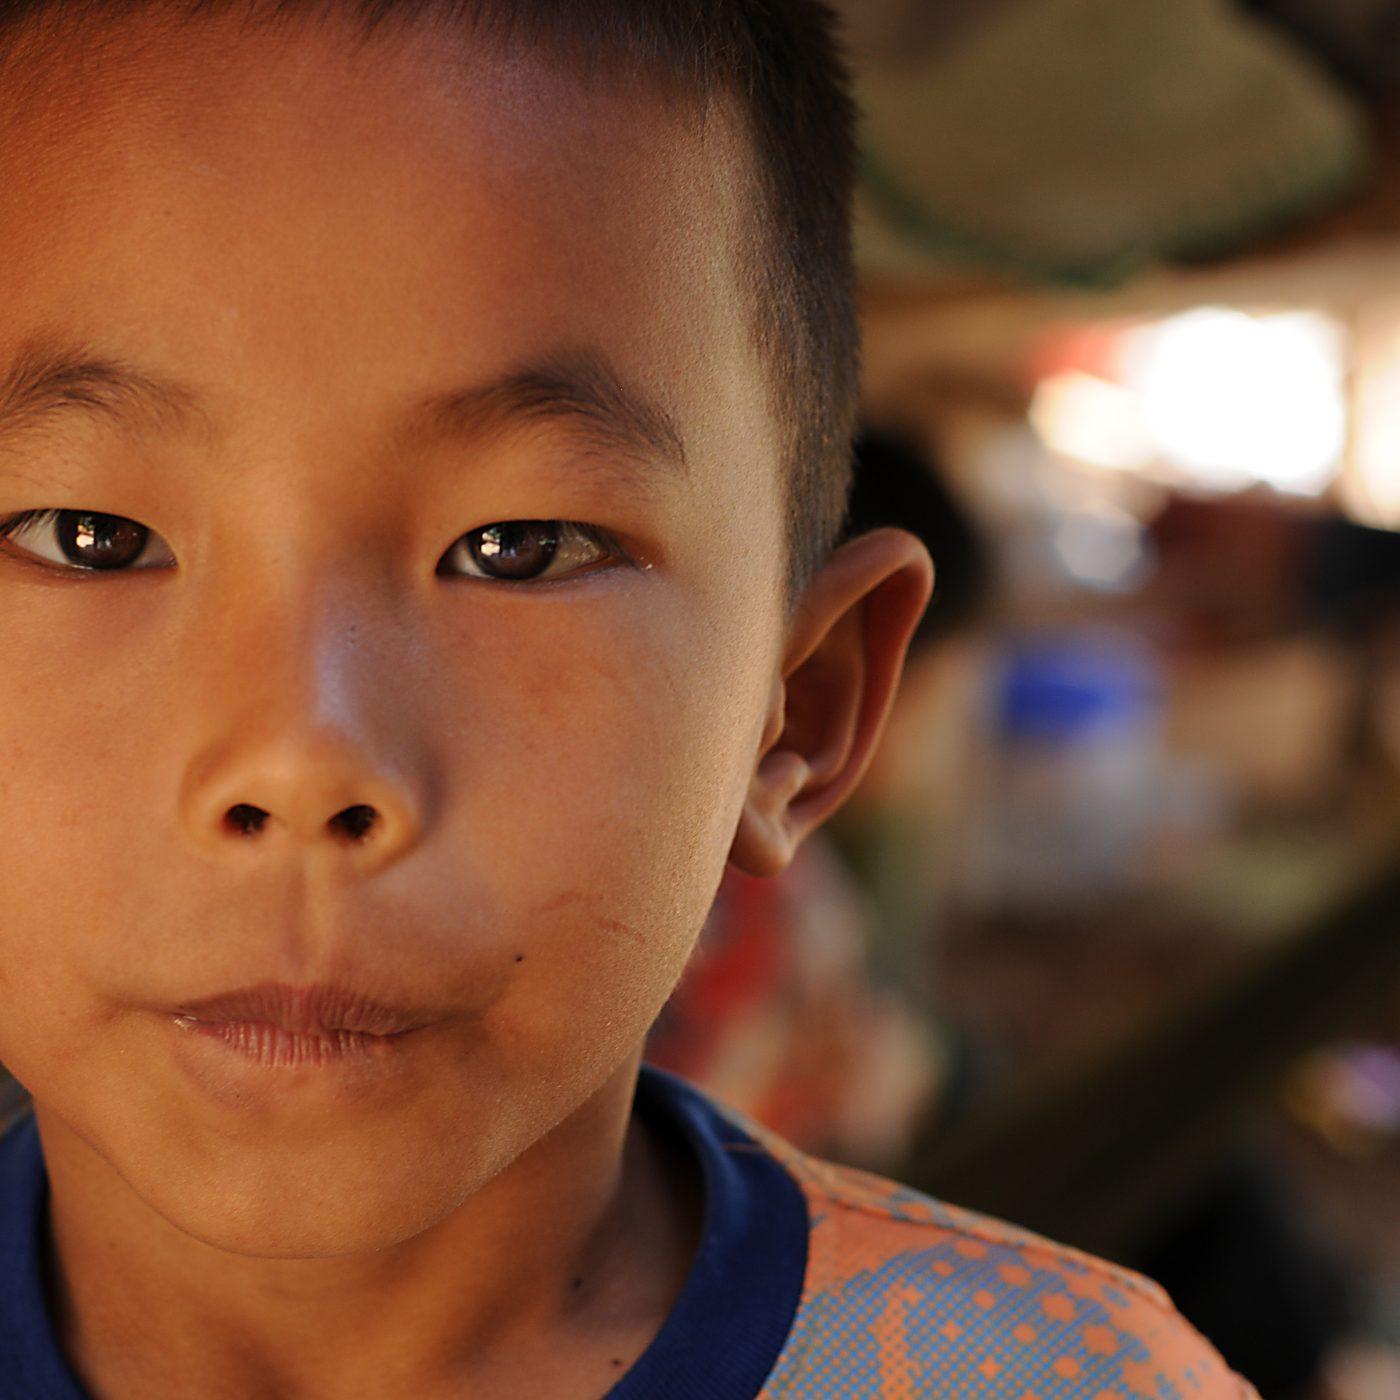 ילד בשבט ארוכות הצוואר